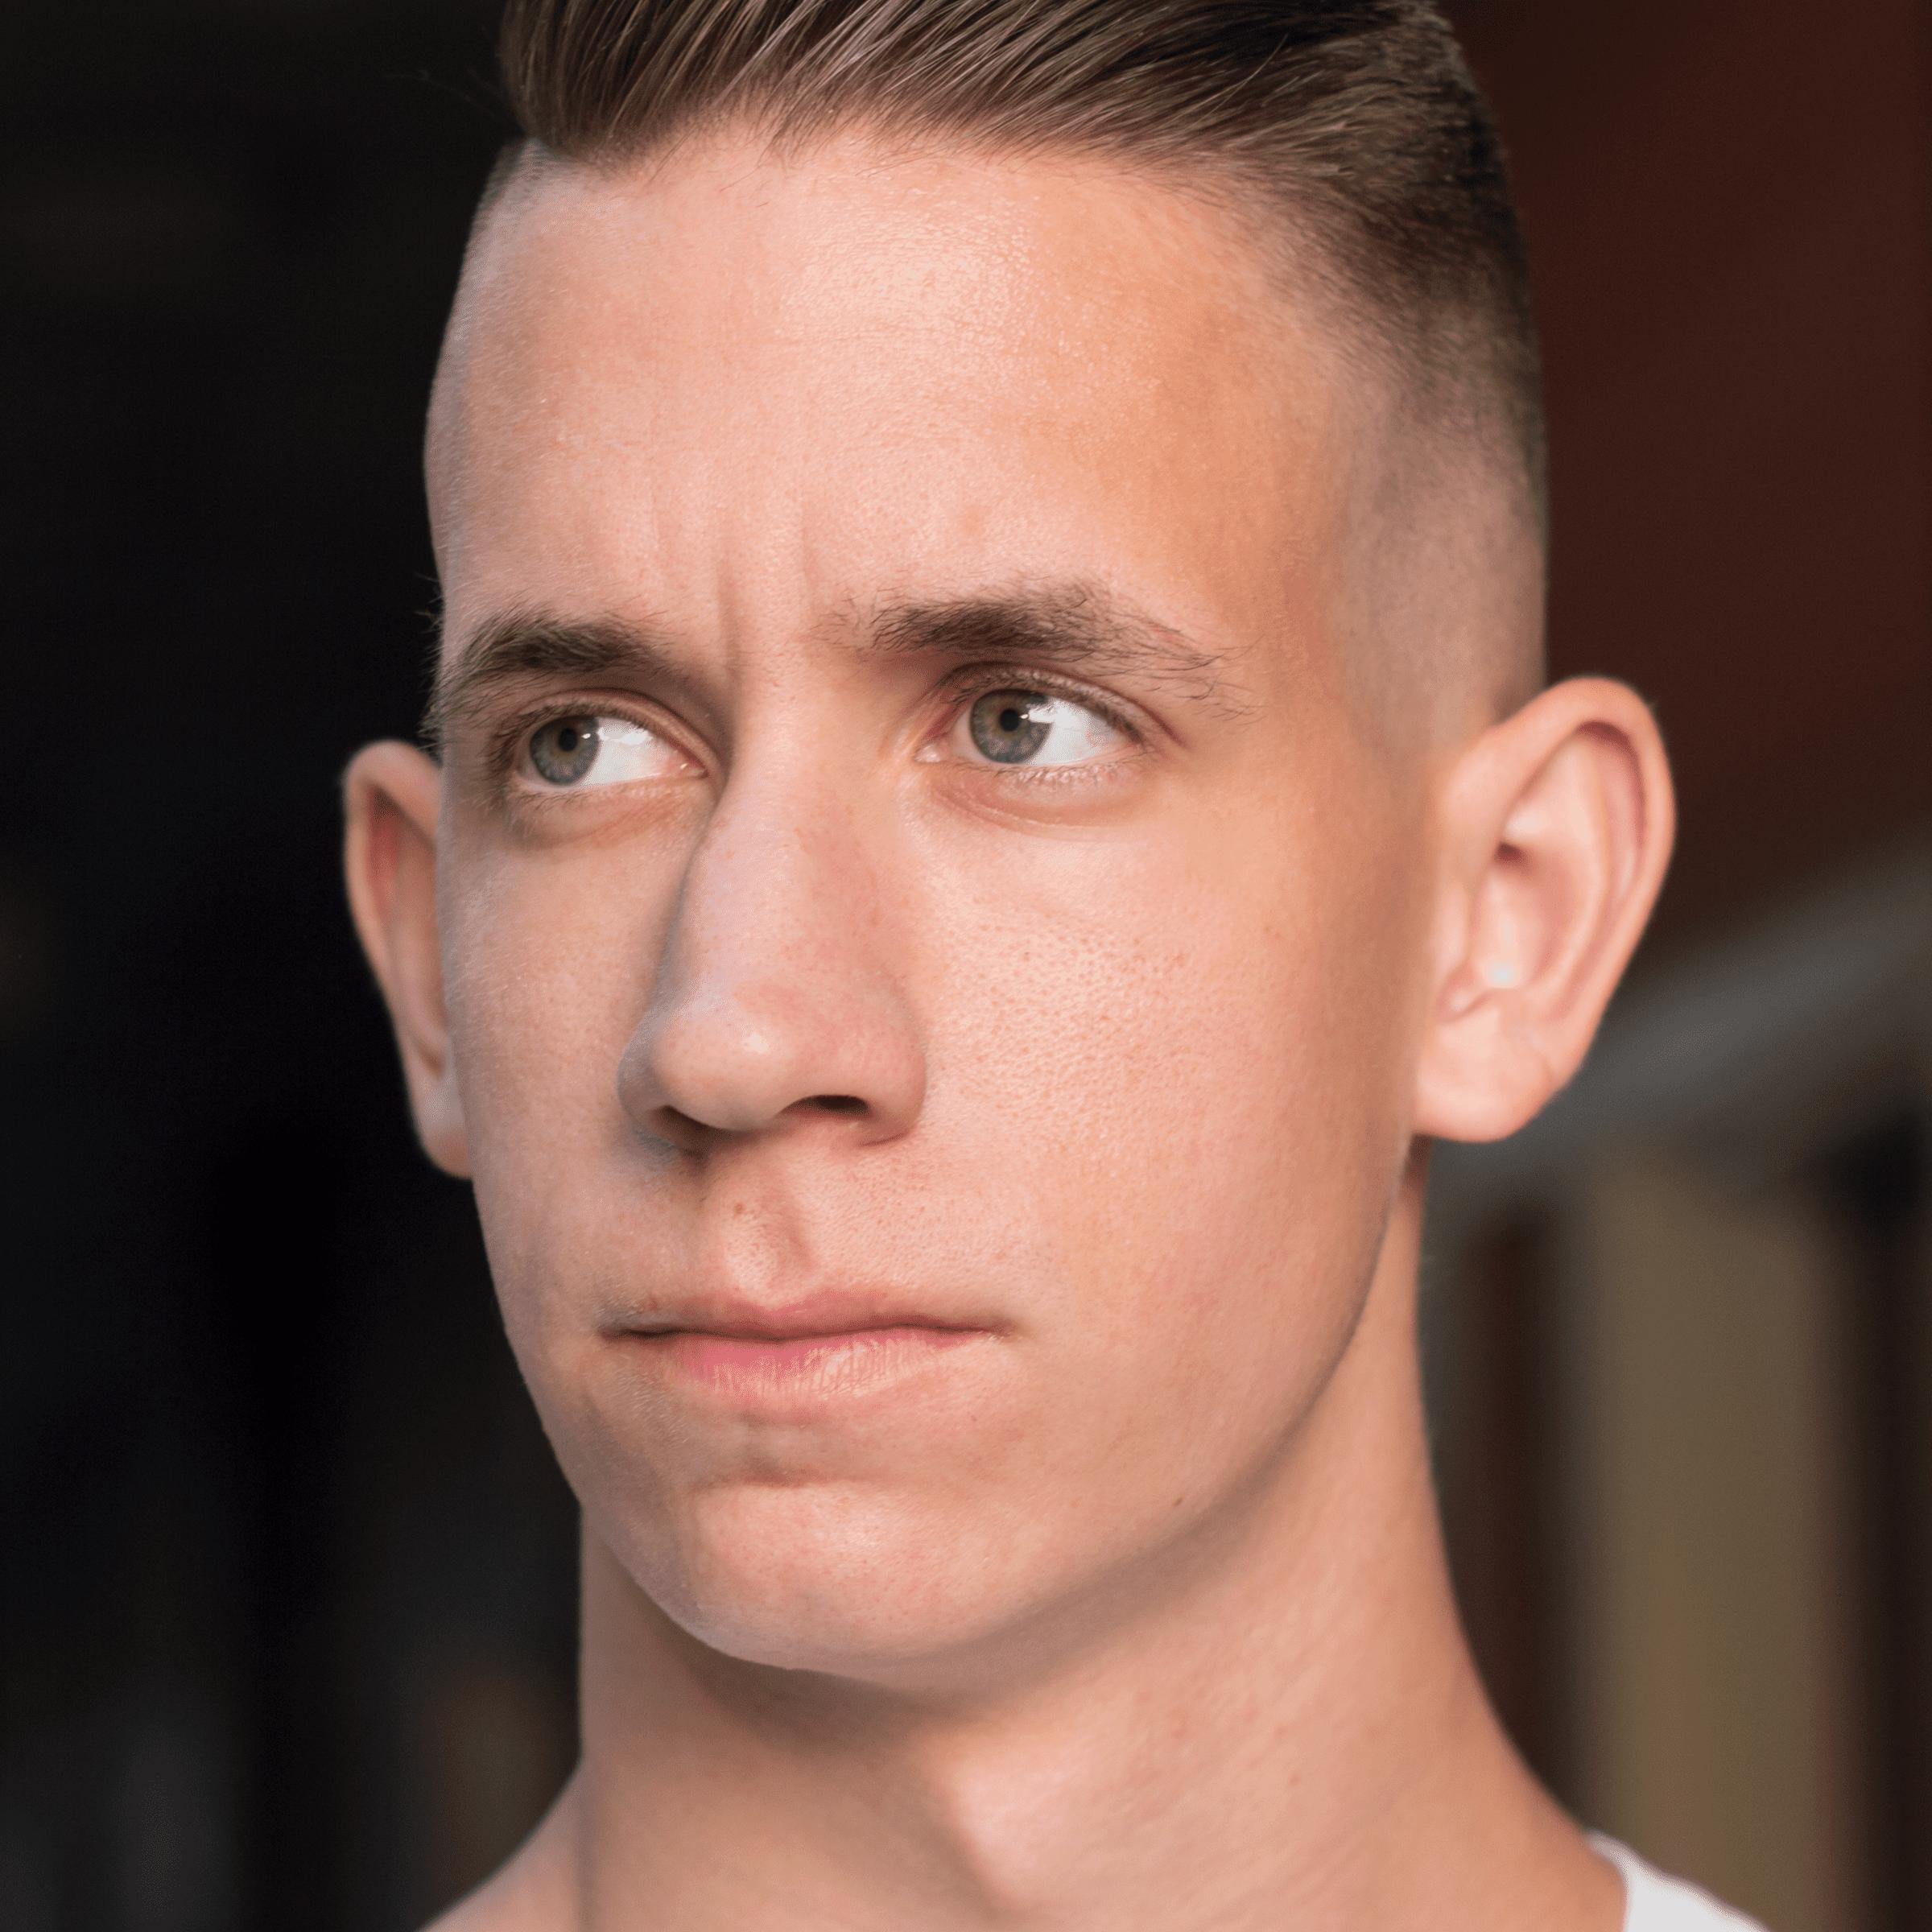 The Men's Undercut Haircut